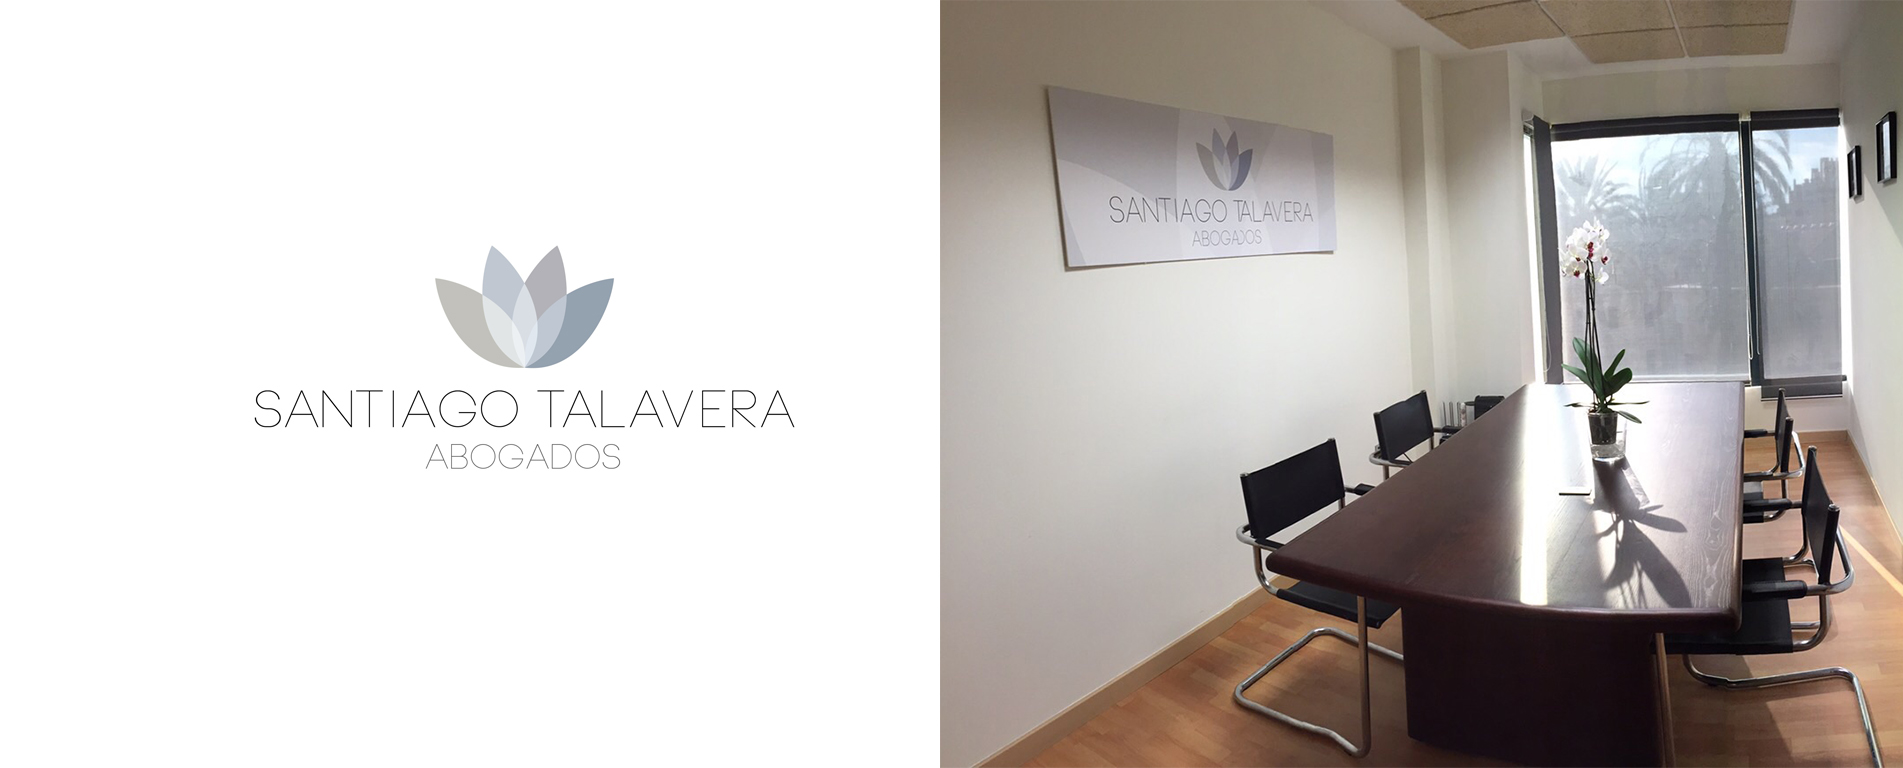 Presentación de Santiago Talavera